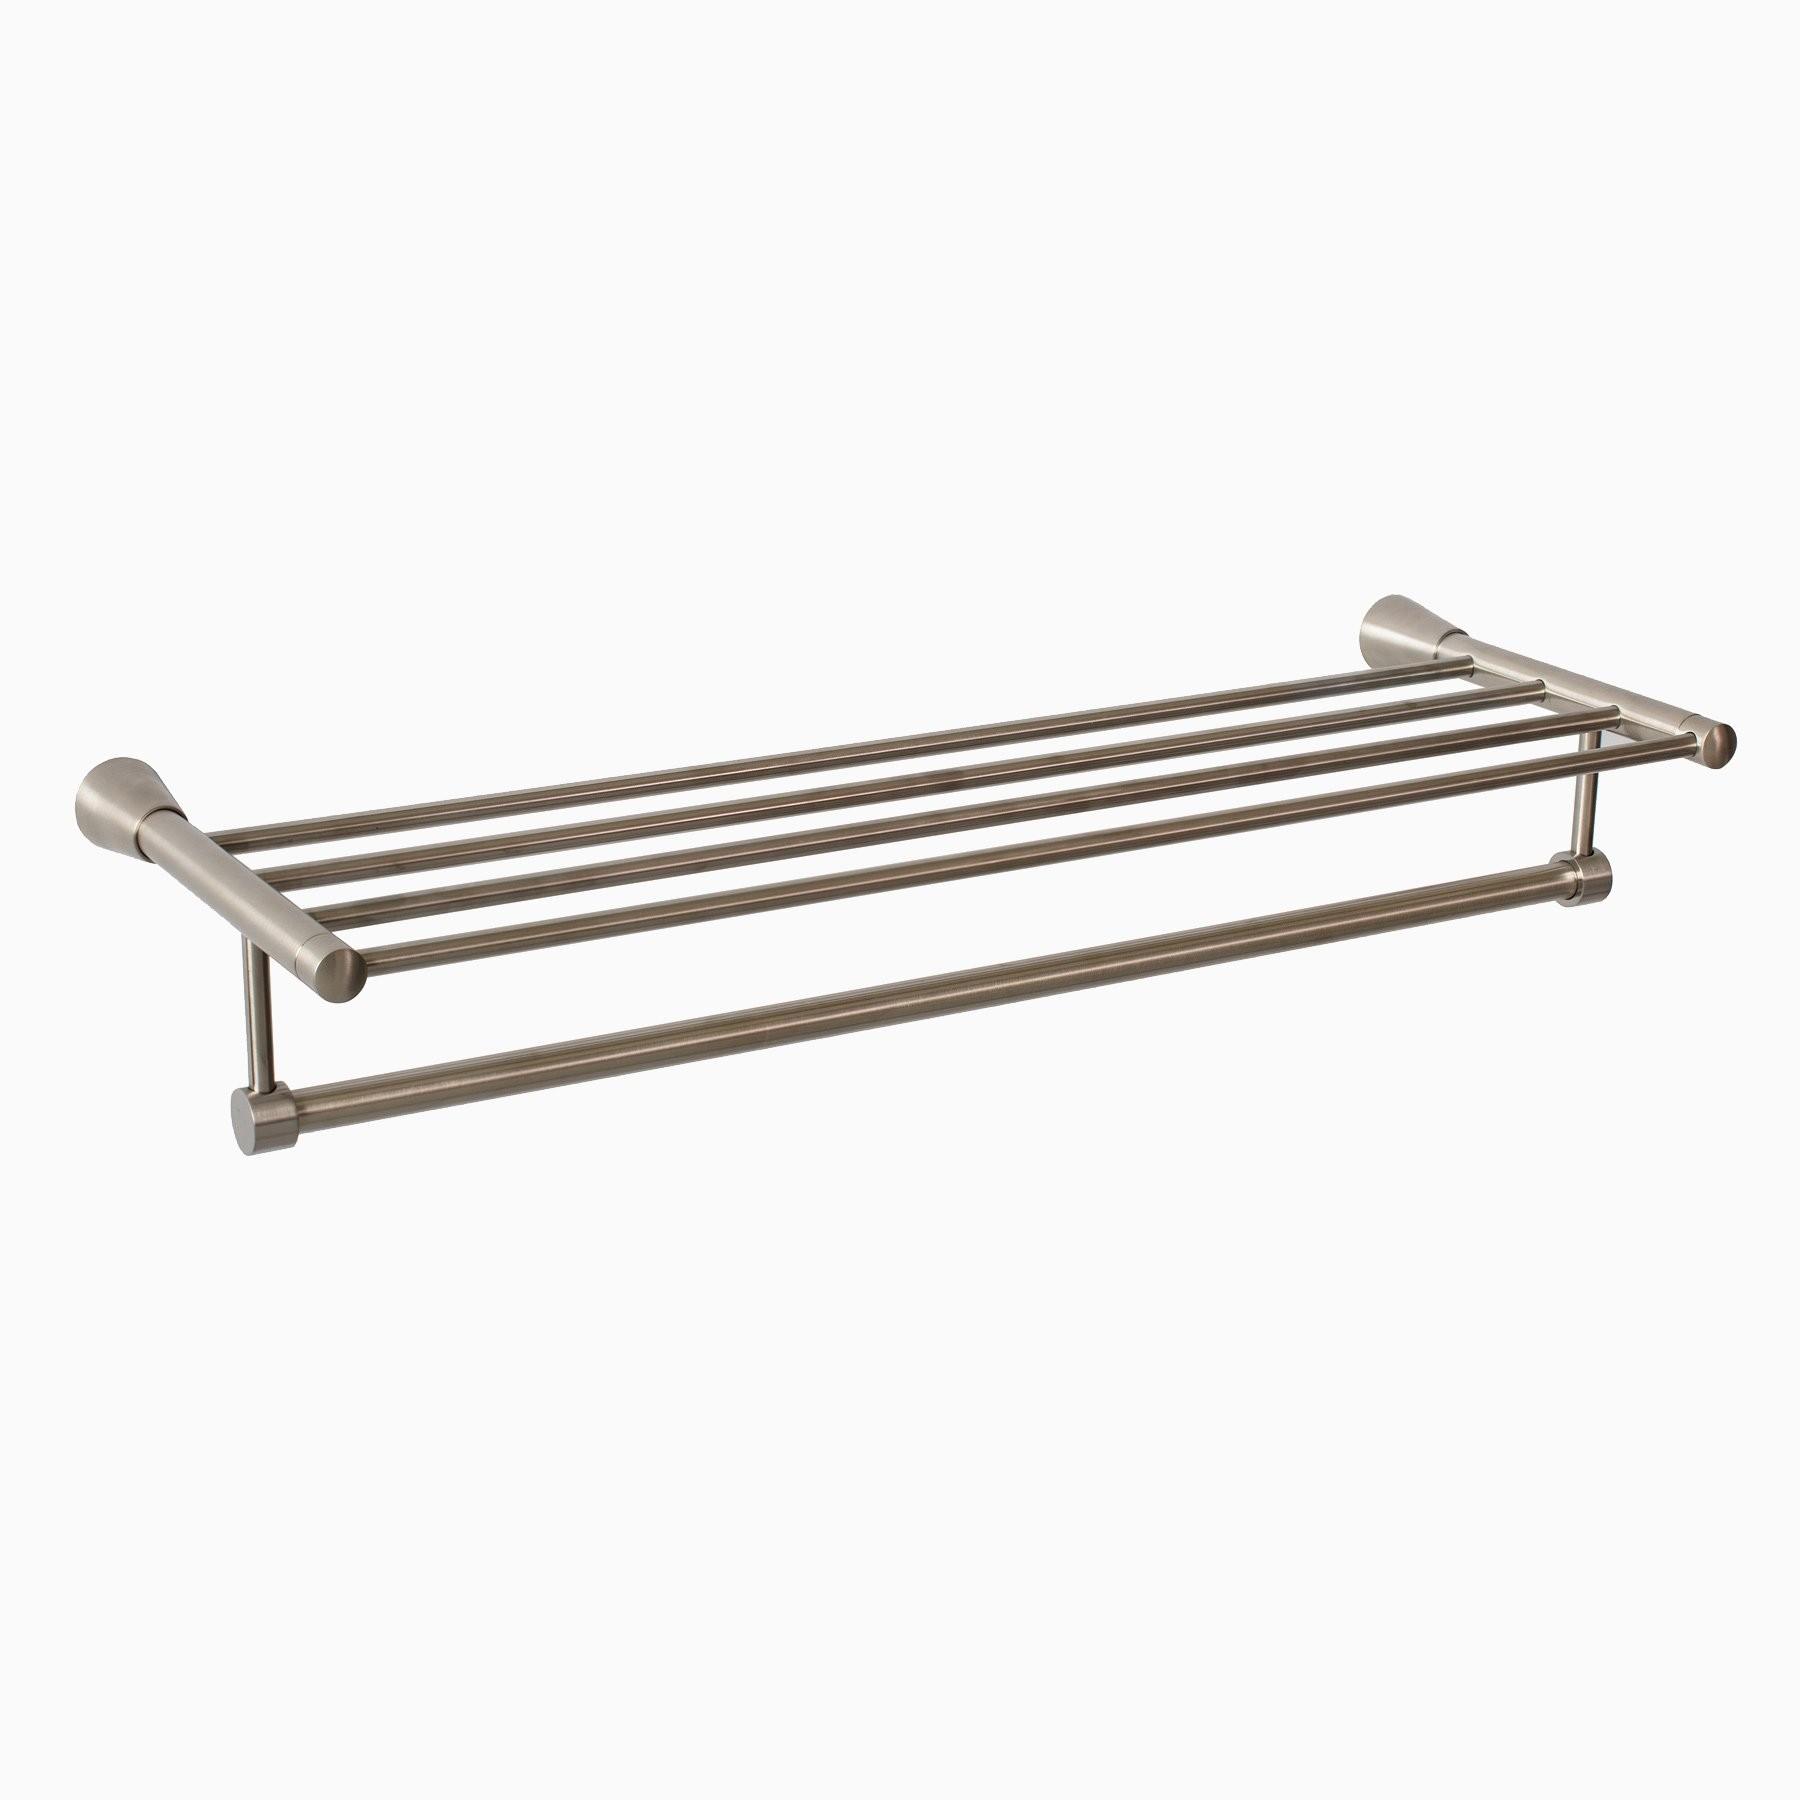 Soma Brass Wall Mounted Towel Rack Brushed Nickel Modern 24 58